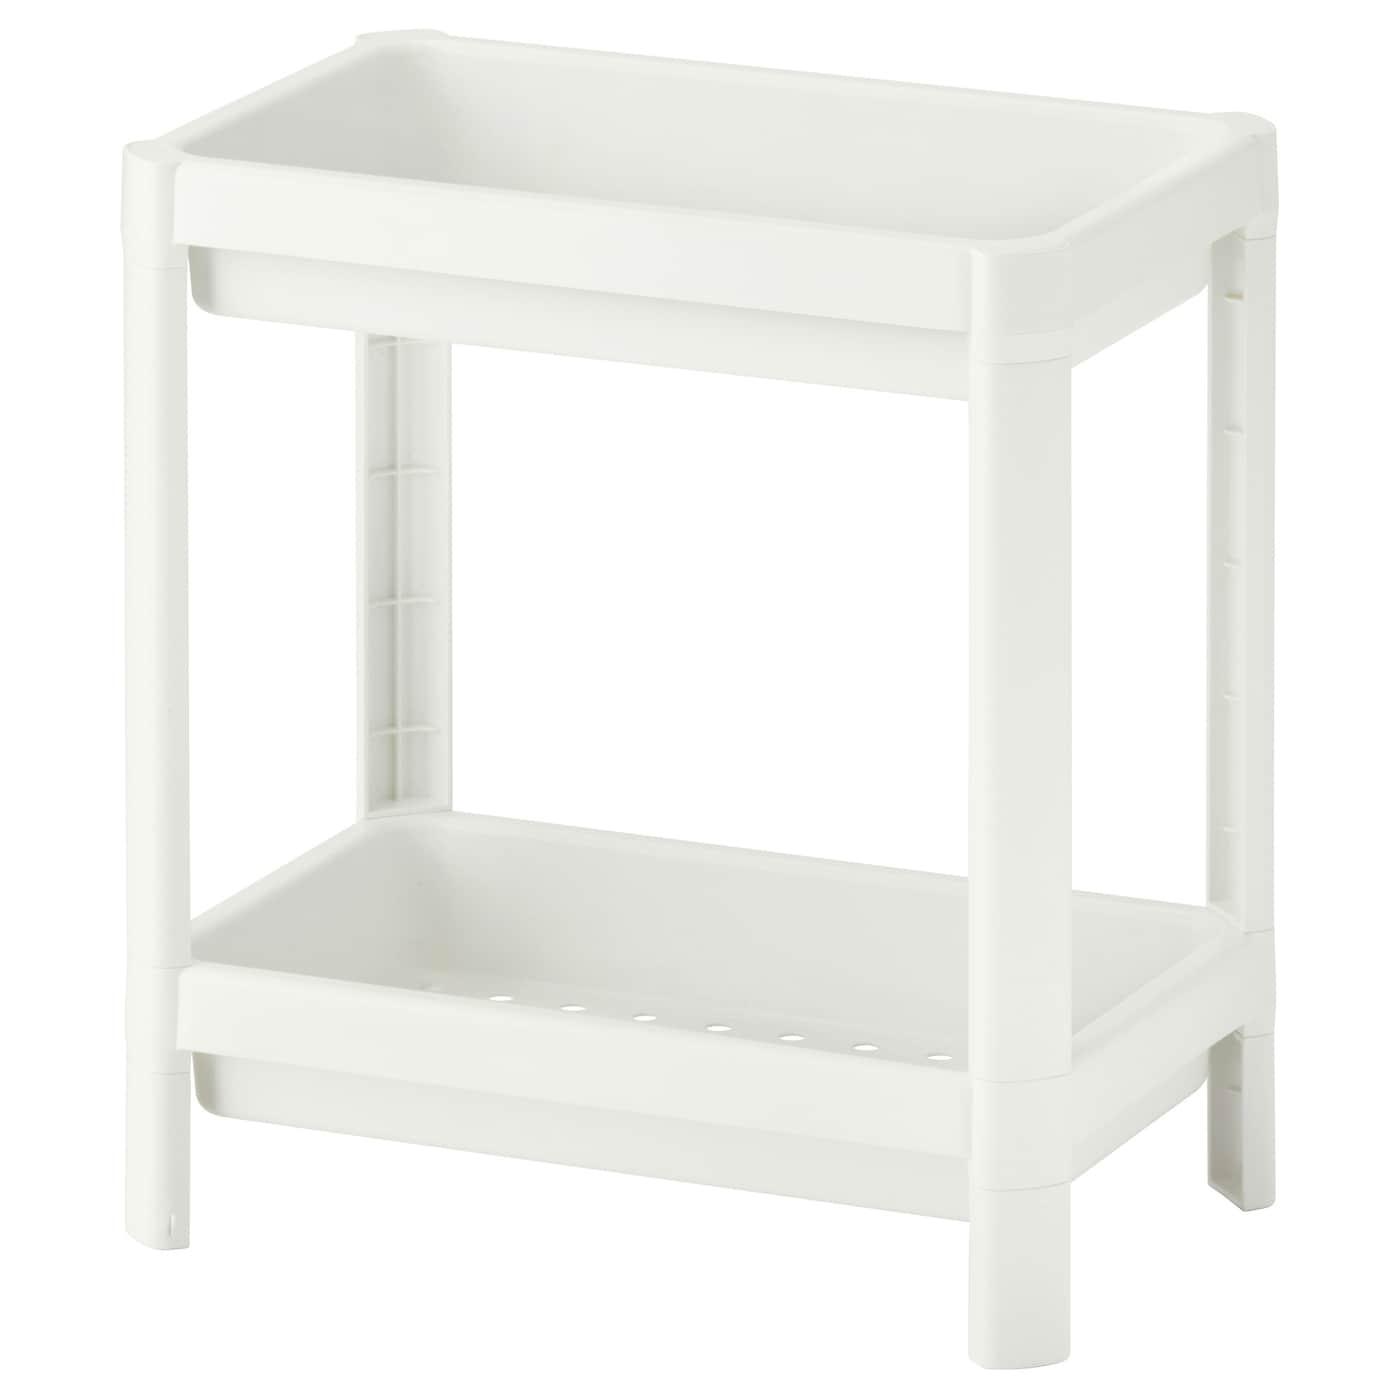 VESKEN Open kast Wit 36 x 23 x 40 cm - IKEA